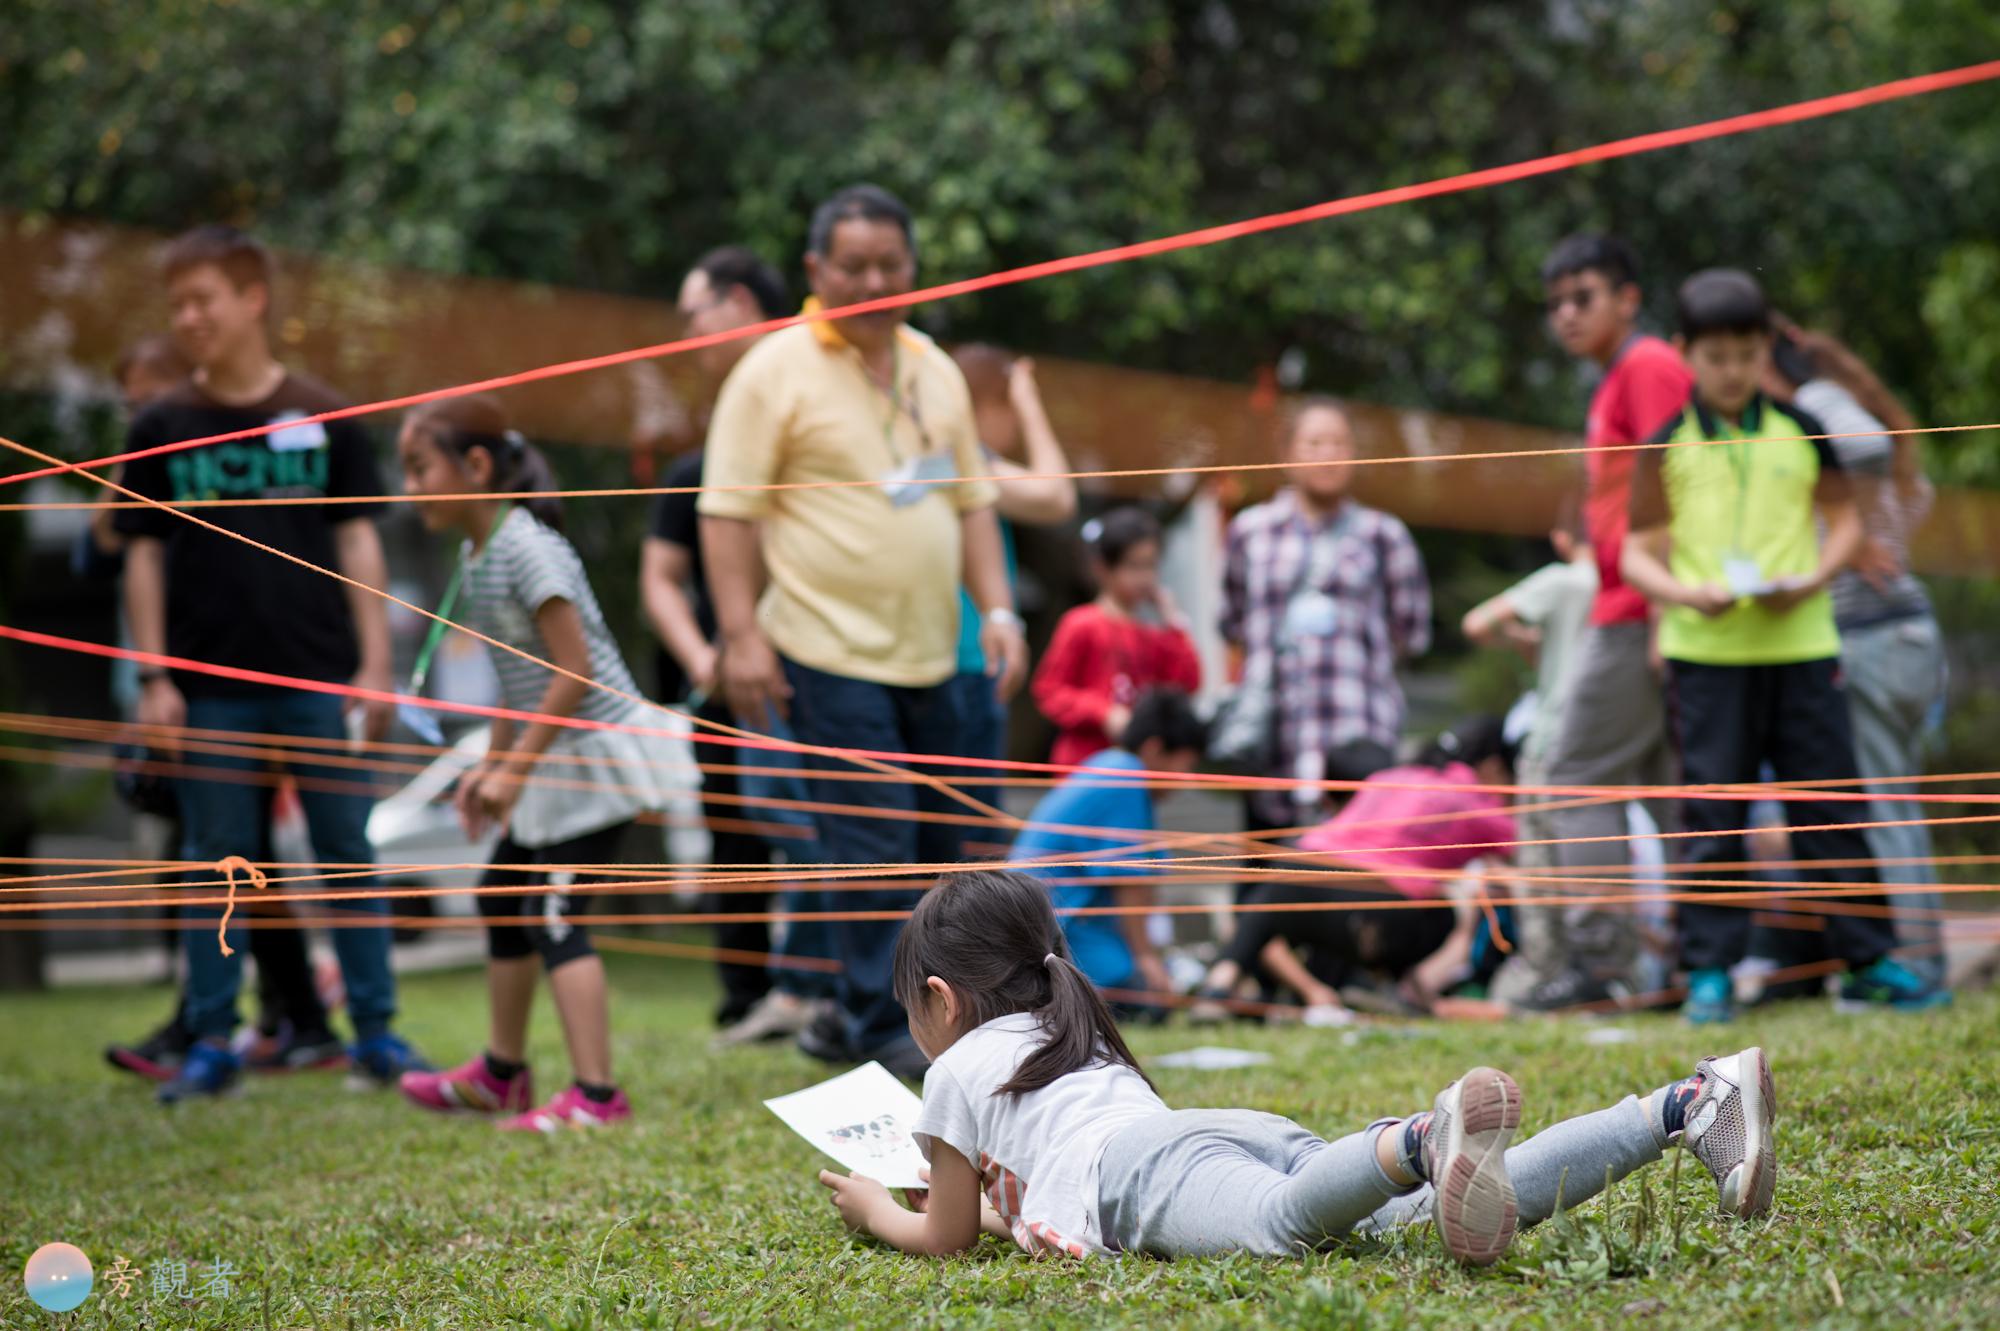 參與親子闖關活動的小孩在草地上爬行完成任務。南投埔里。2018/4/14